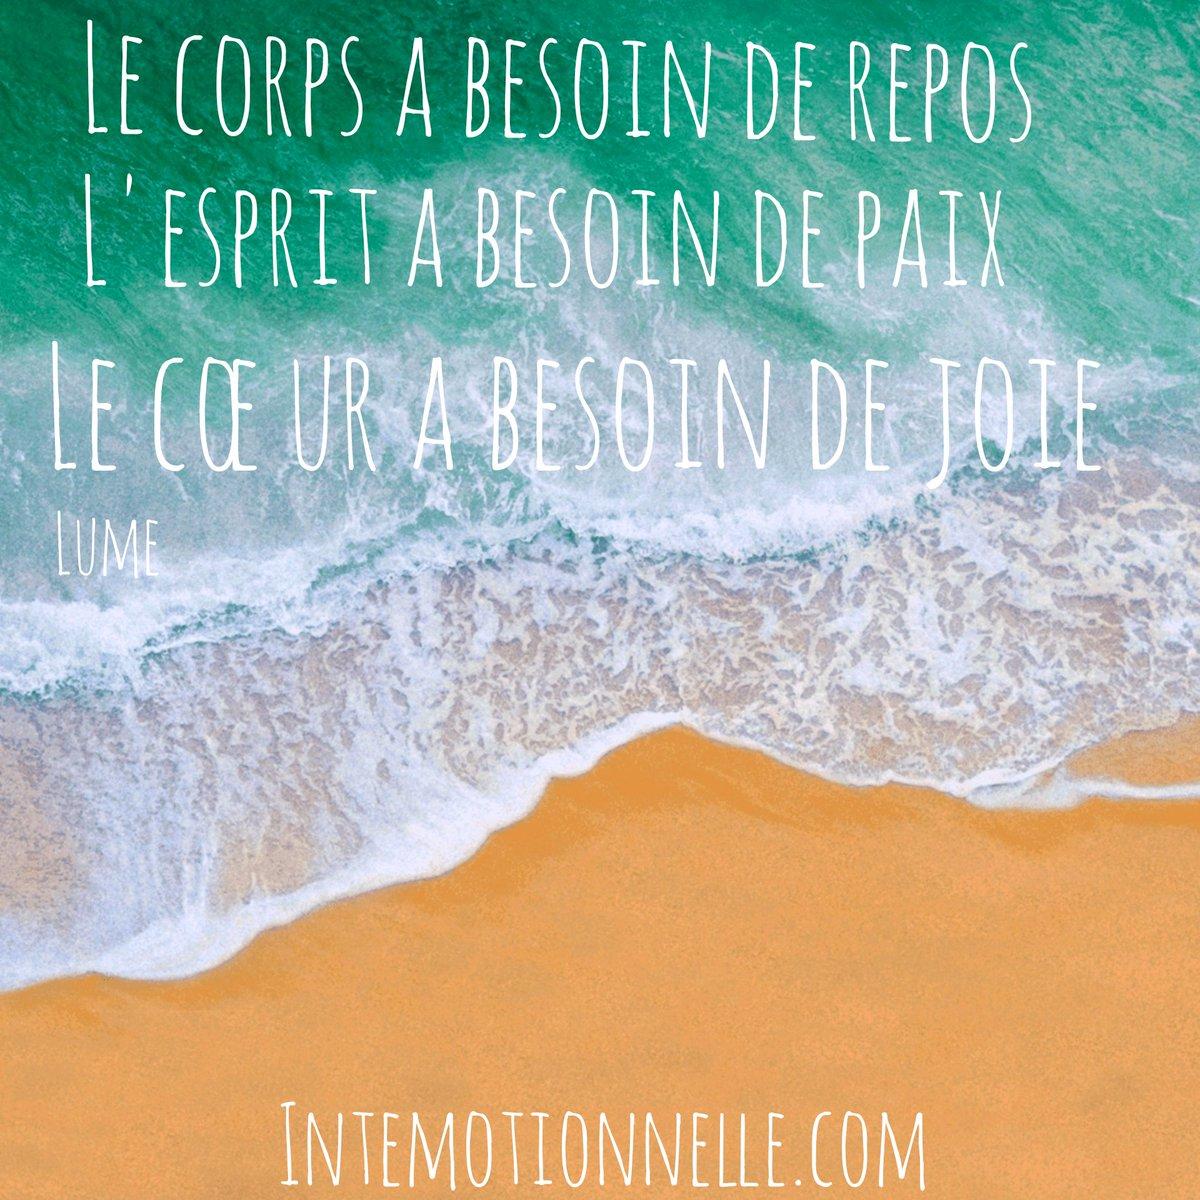 Repos Citation Image